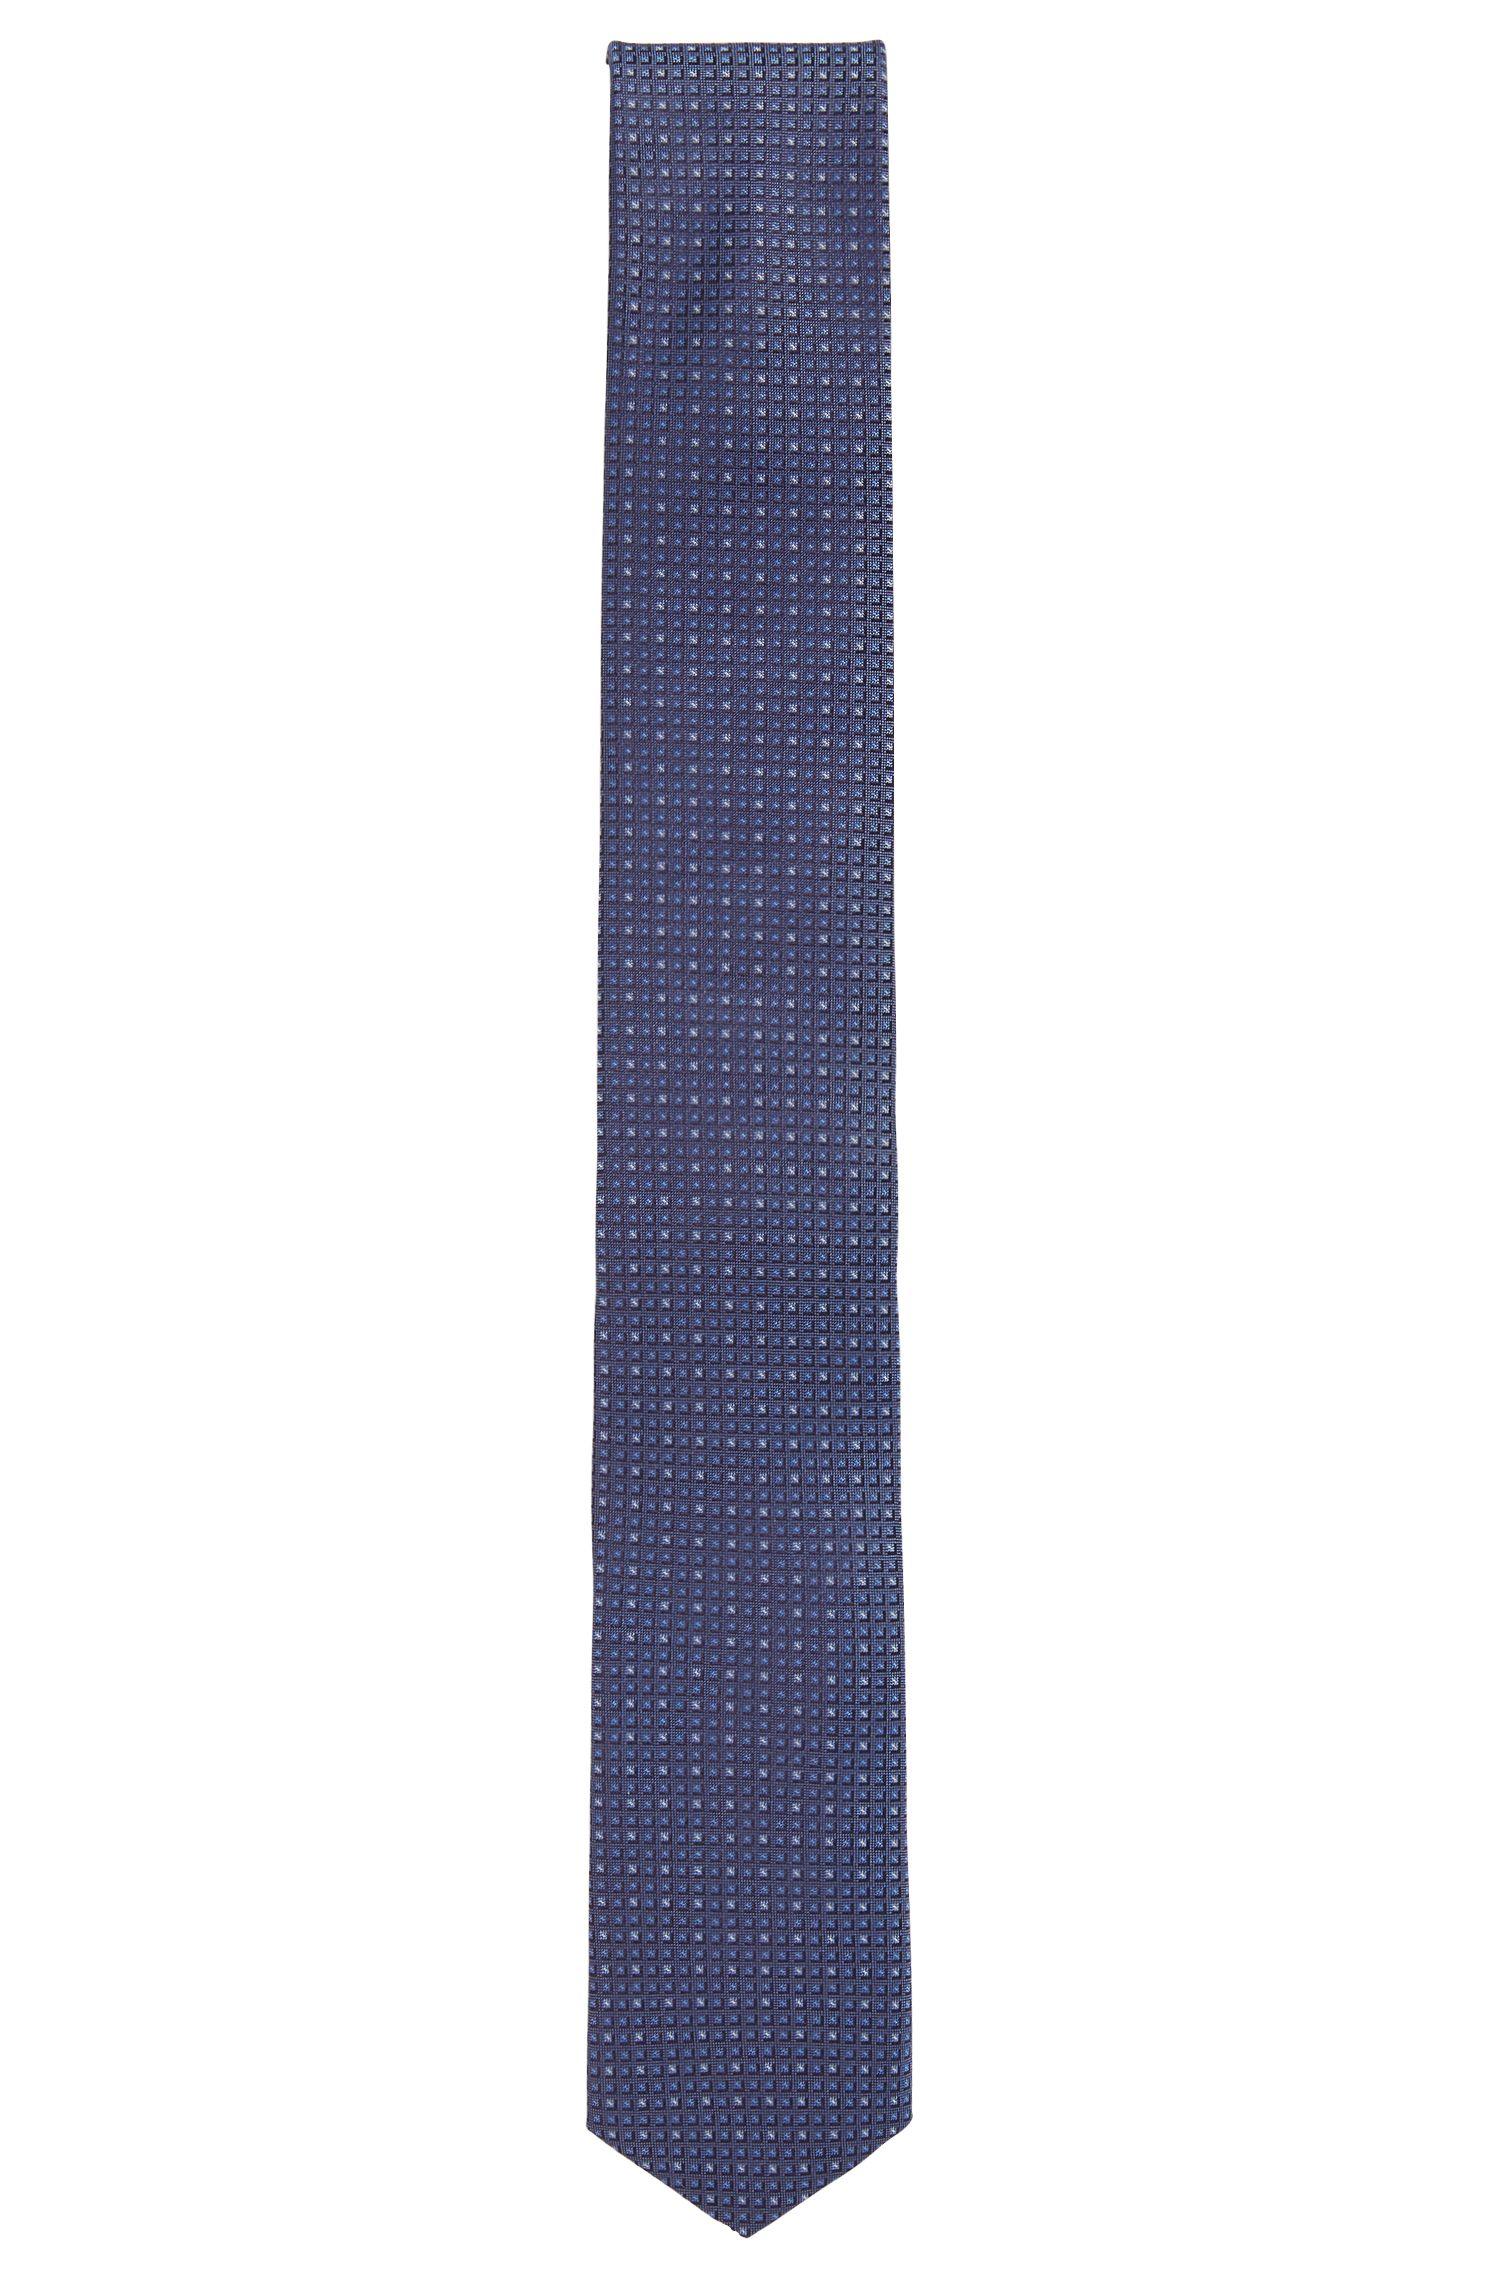 Corbata de seda estampada Travel Line con acabado repelente al agua, Azul